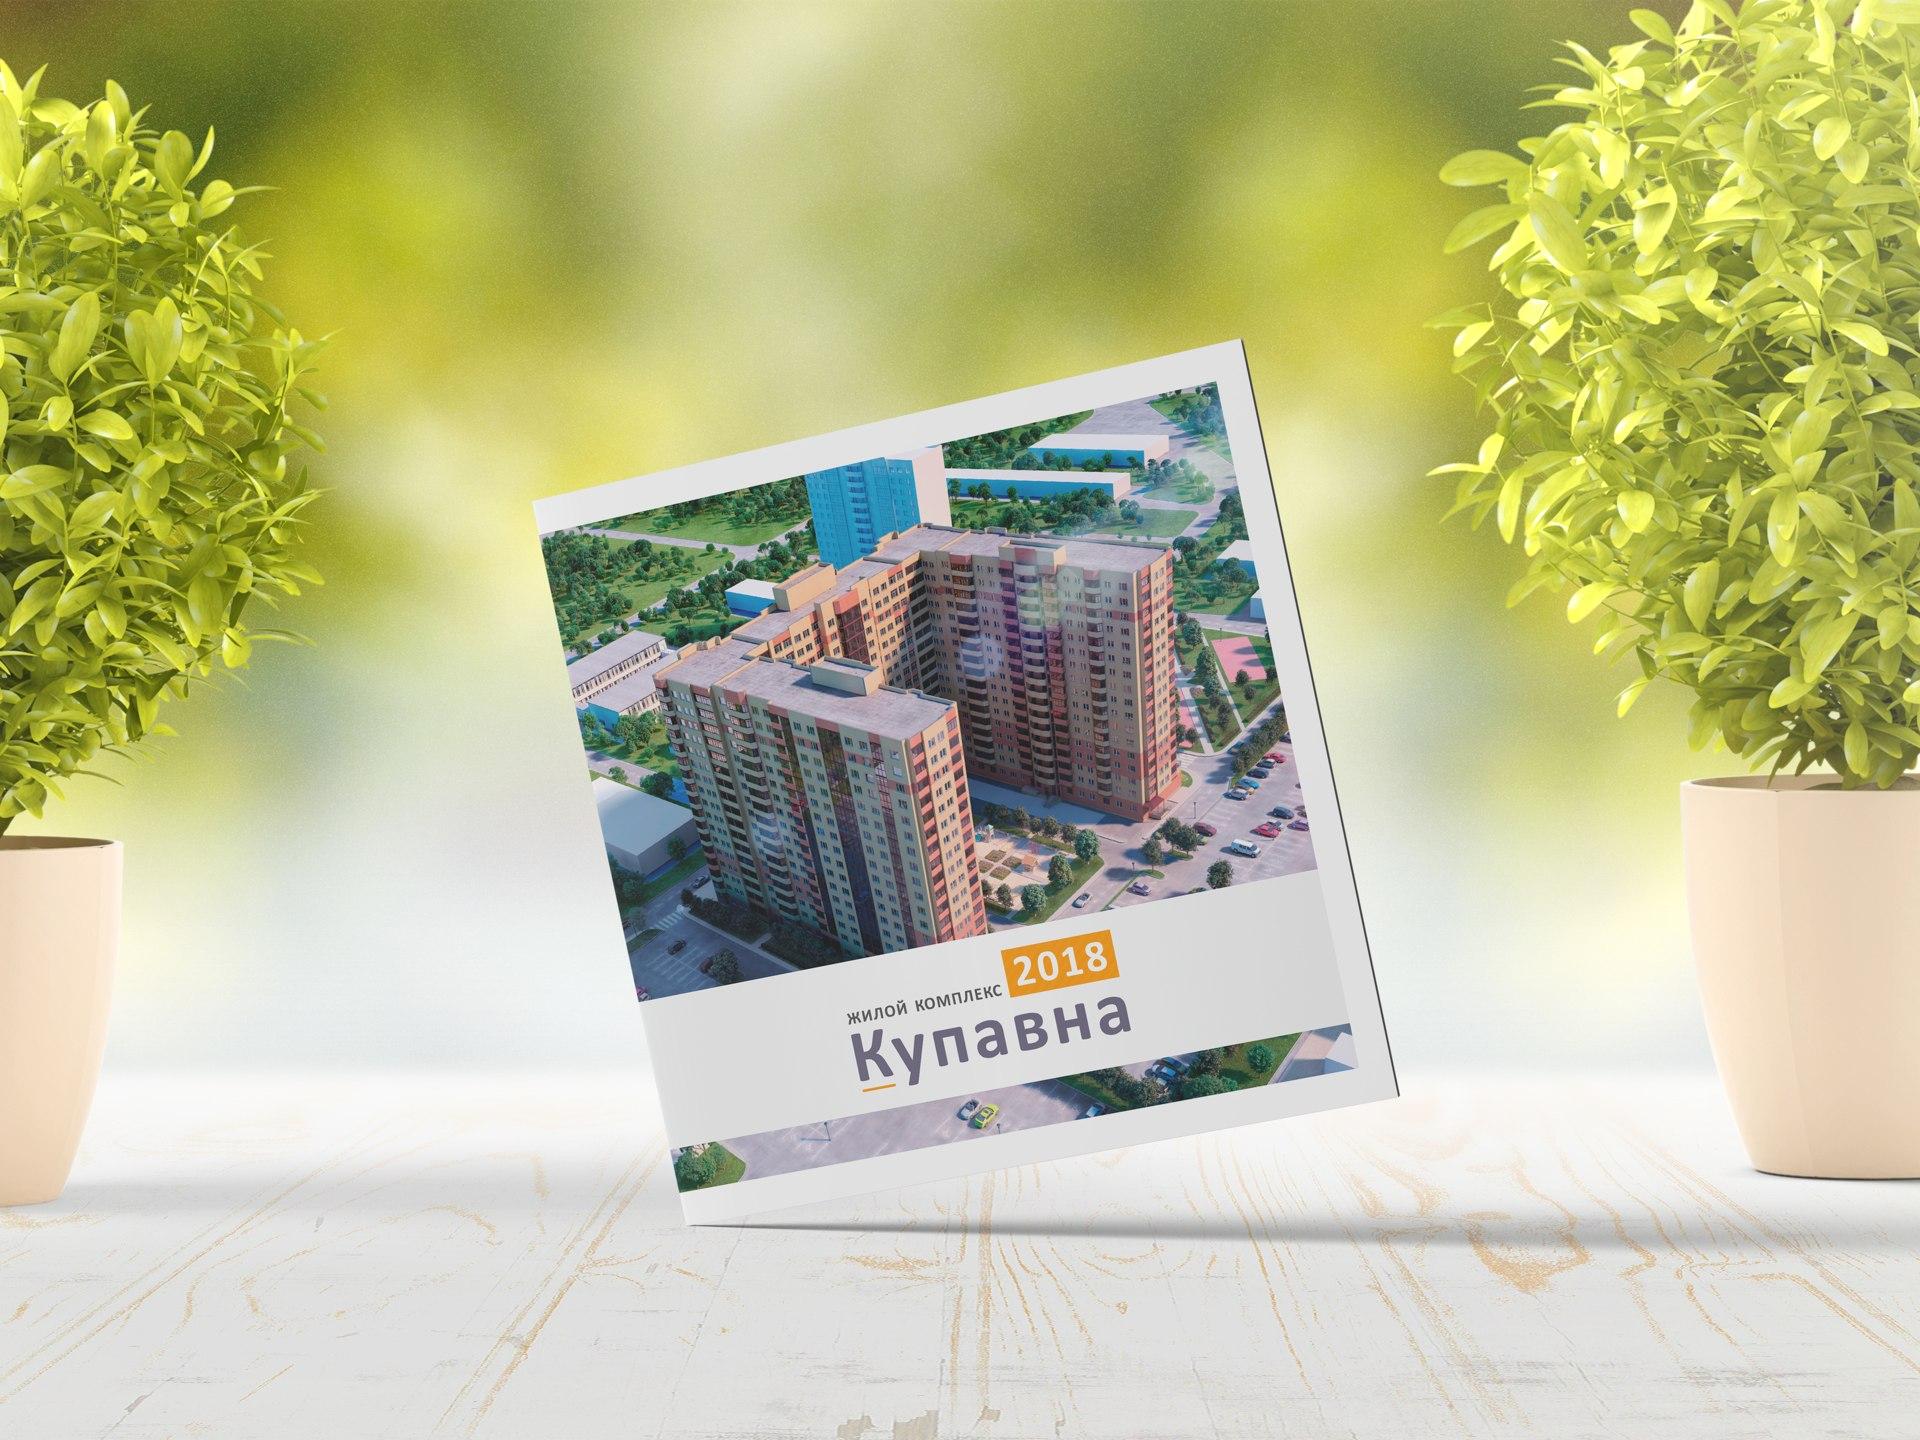 Разработка буклета для ЖК Купавна 2018 | Студия Ракета